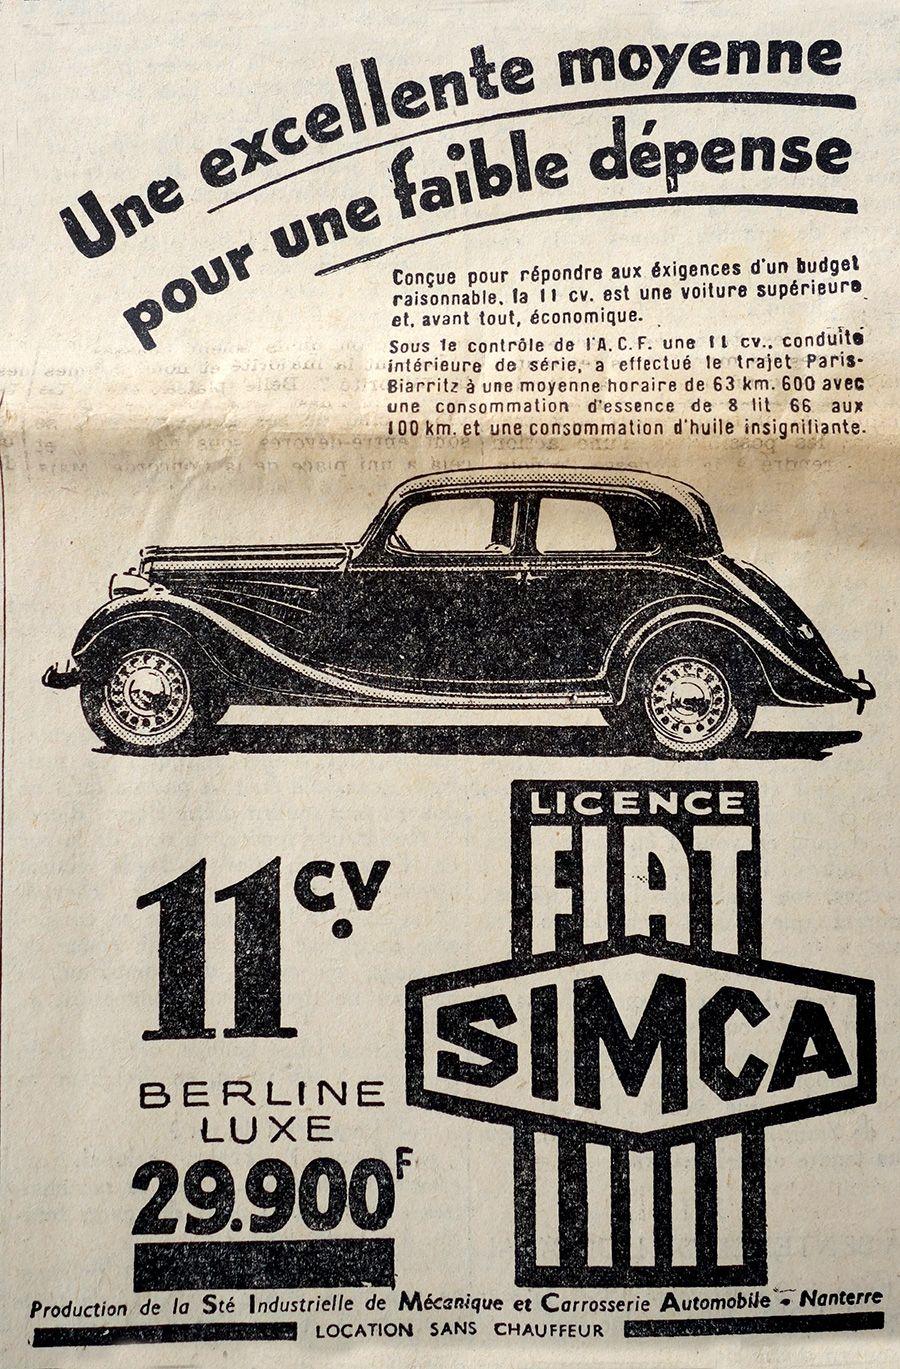 simca fiat advertising journal le petit parisien 1936 car. Black Bedroom Furniture Sets. Home Design Ideas